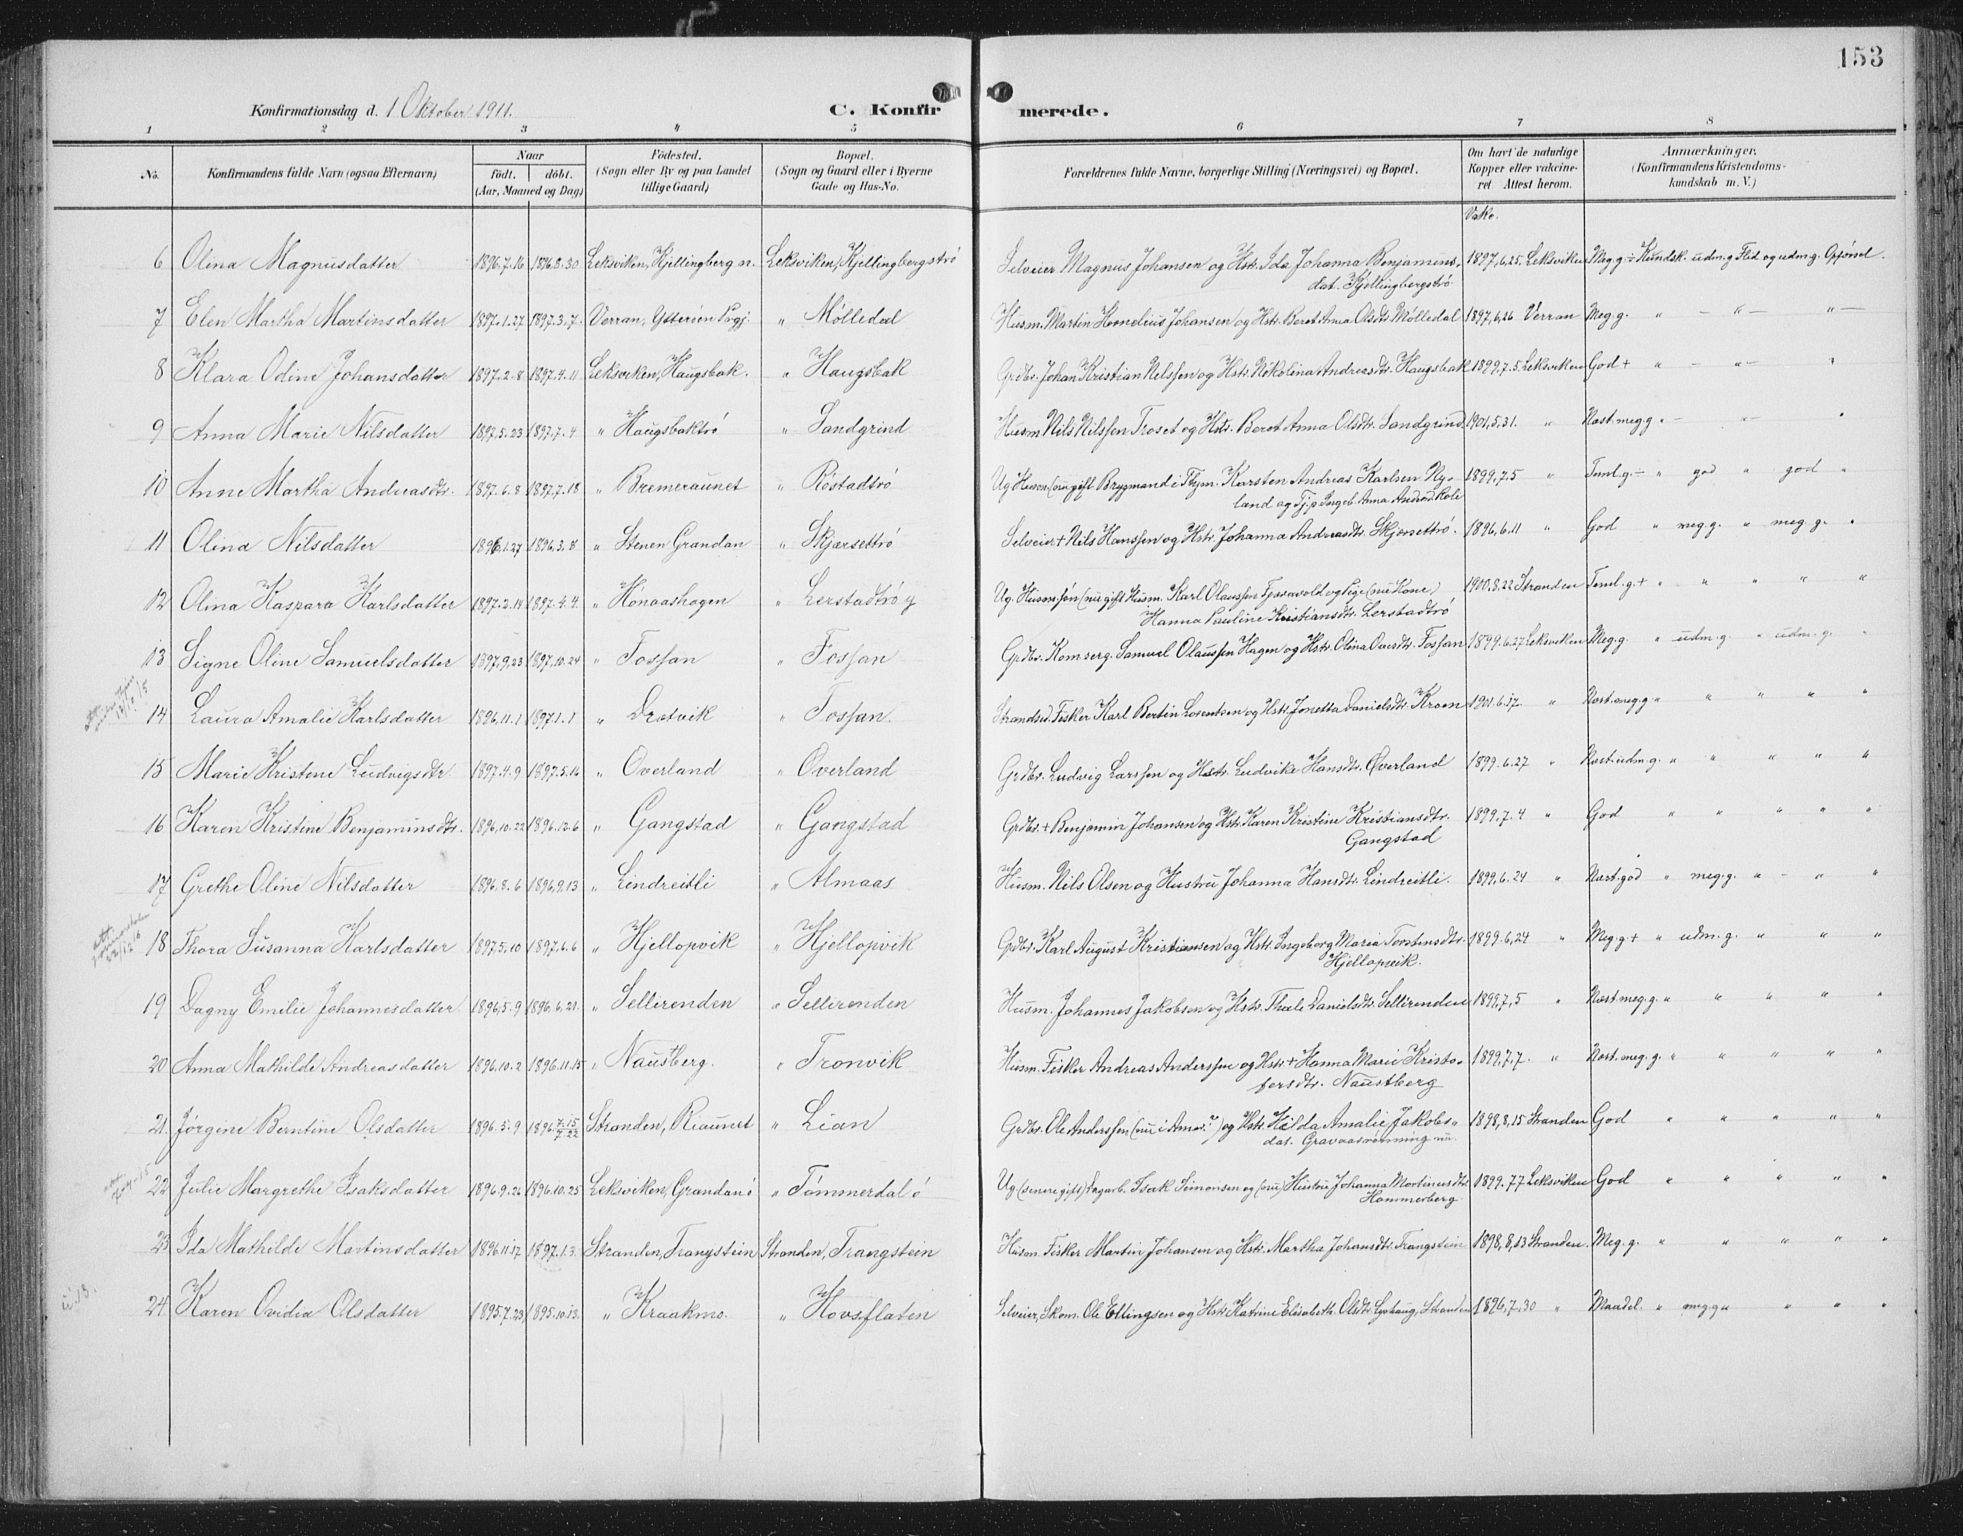 SAT, Ministerialprotokoller, klokkerbøker og fødselsregistre - Nord-Trøndelag, 701/L0011: Ministerialbok nr. 701A11, 1899-1915, s. 153